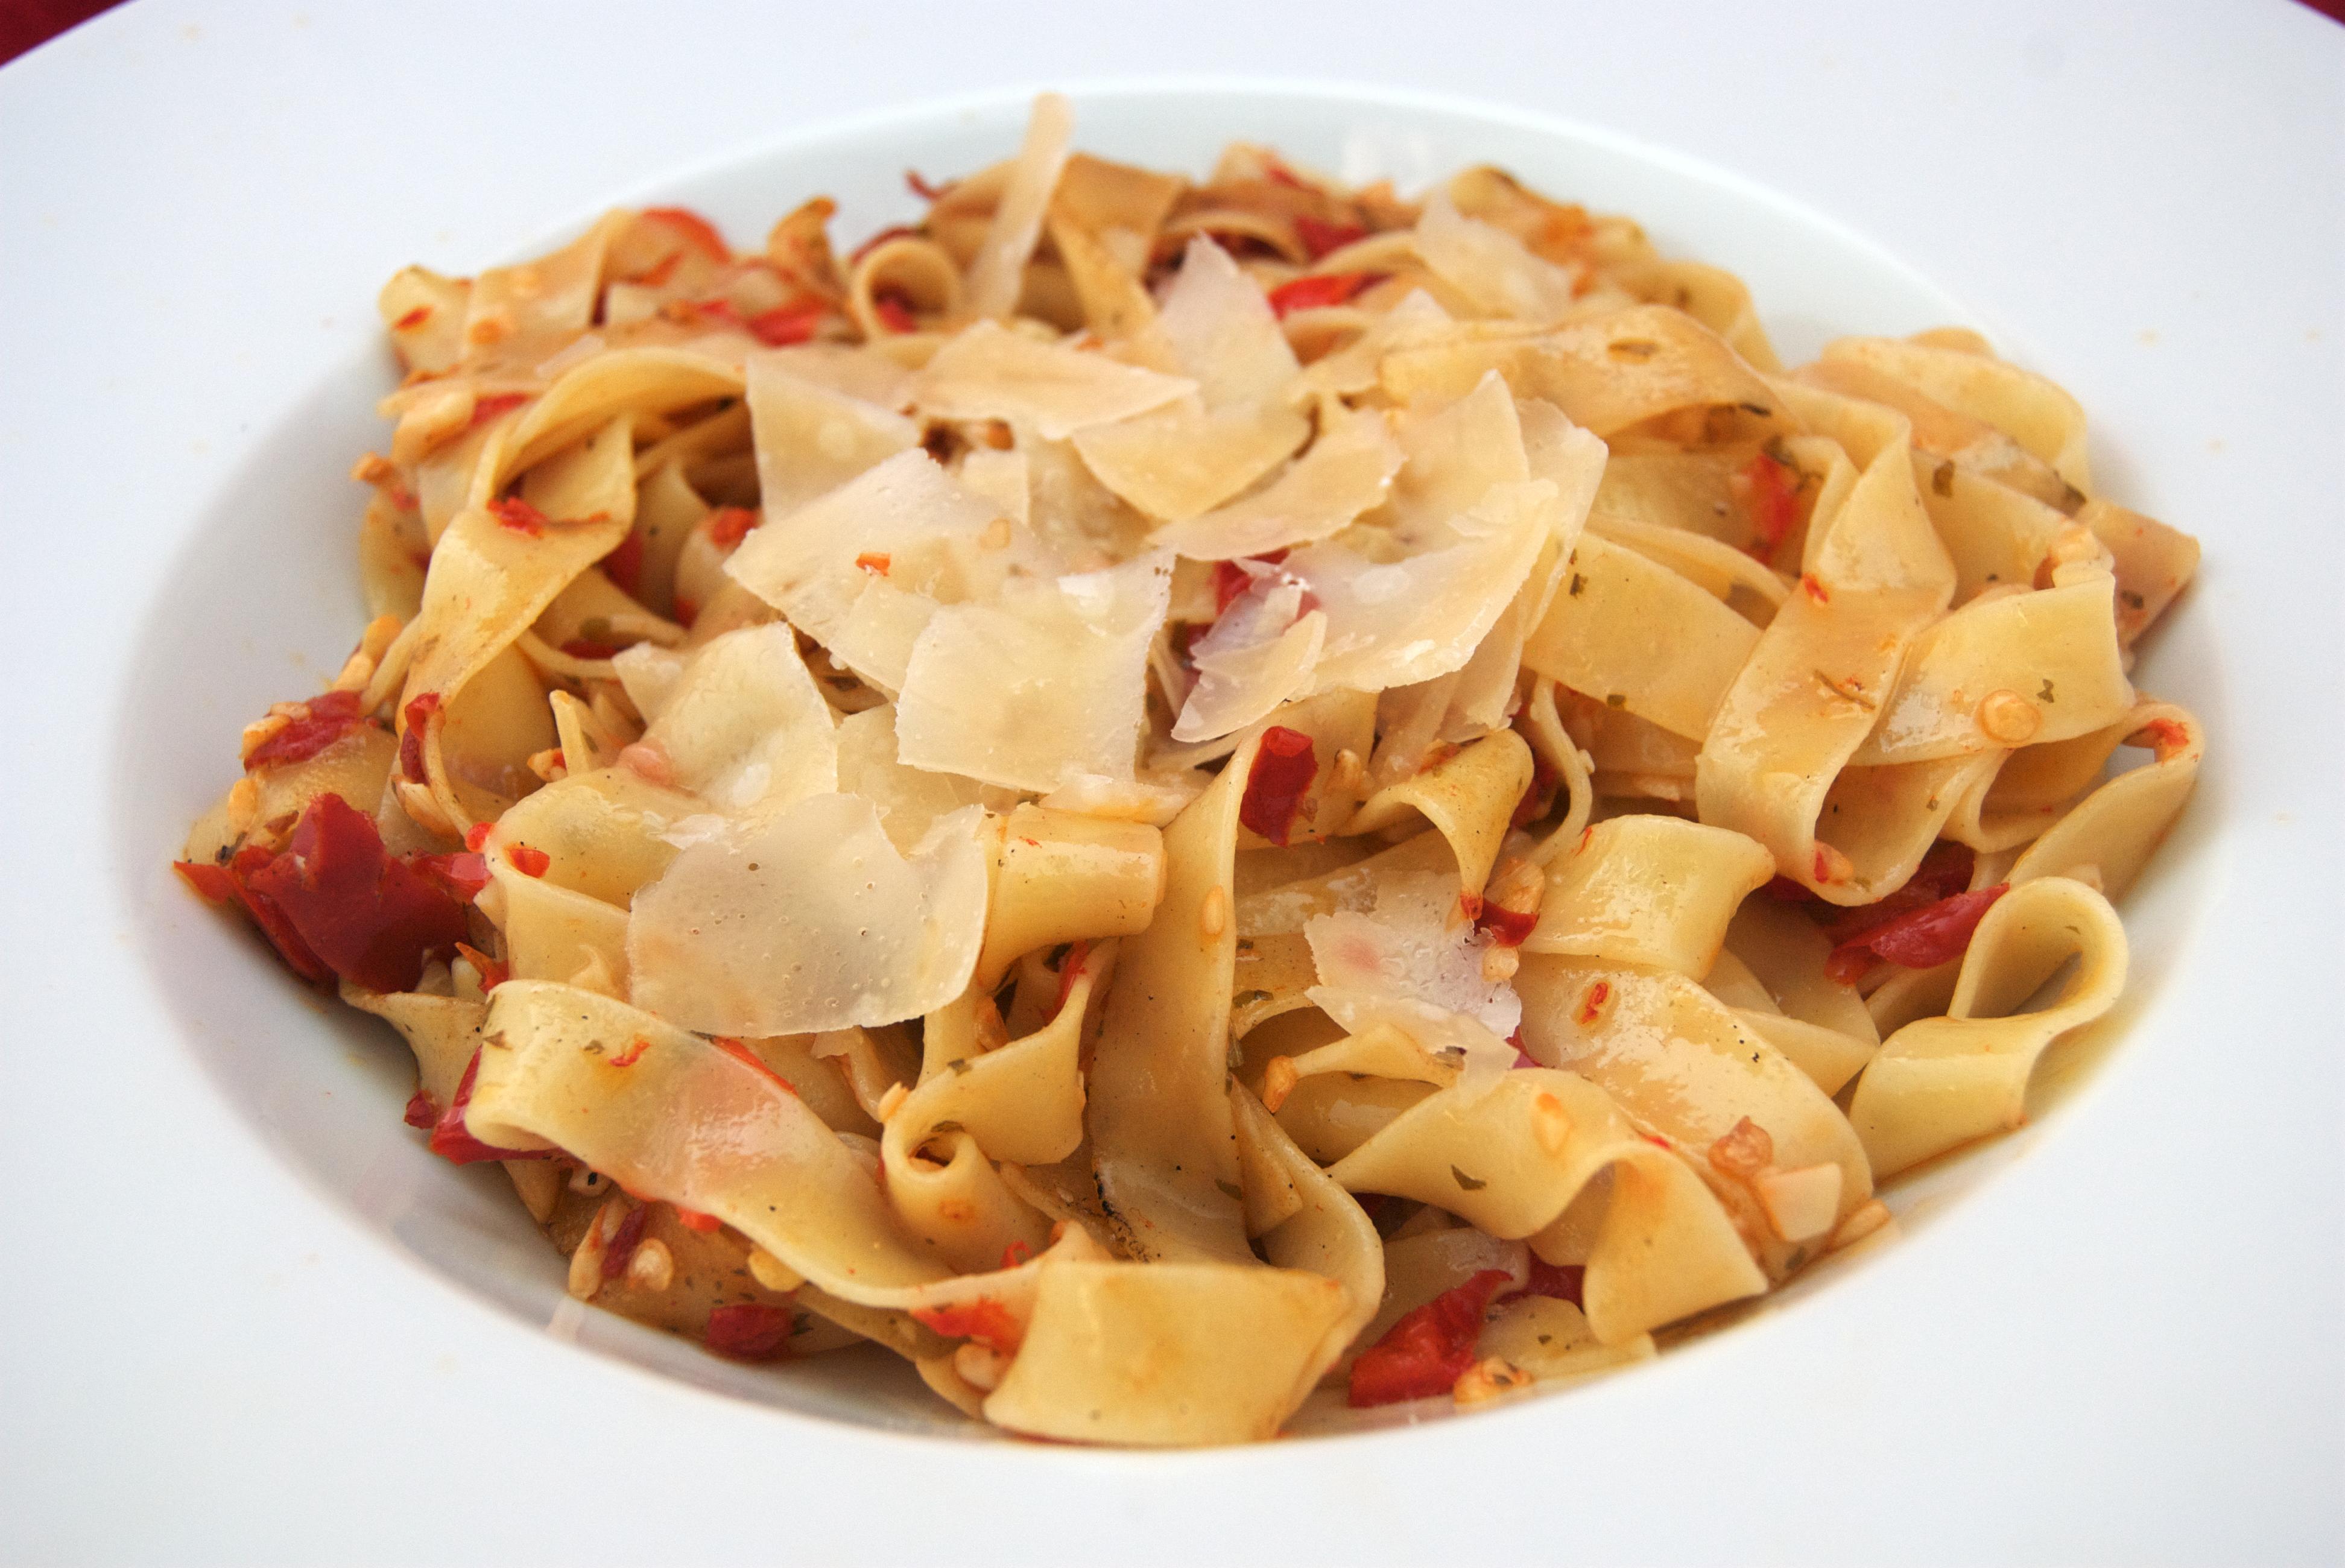 Fettuccine aglio, olio e peperoncino